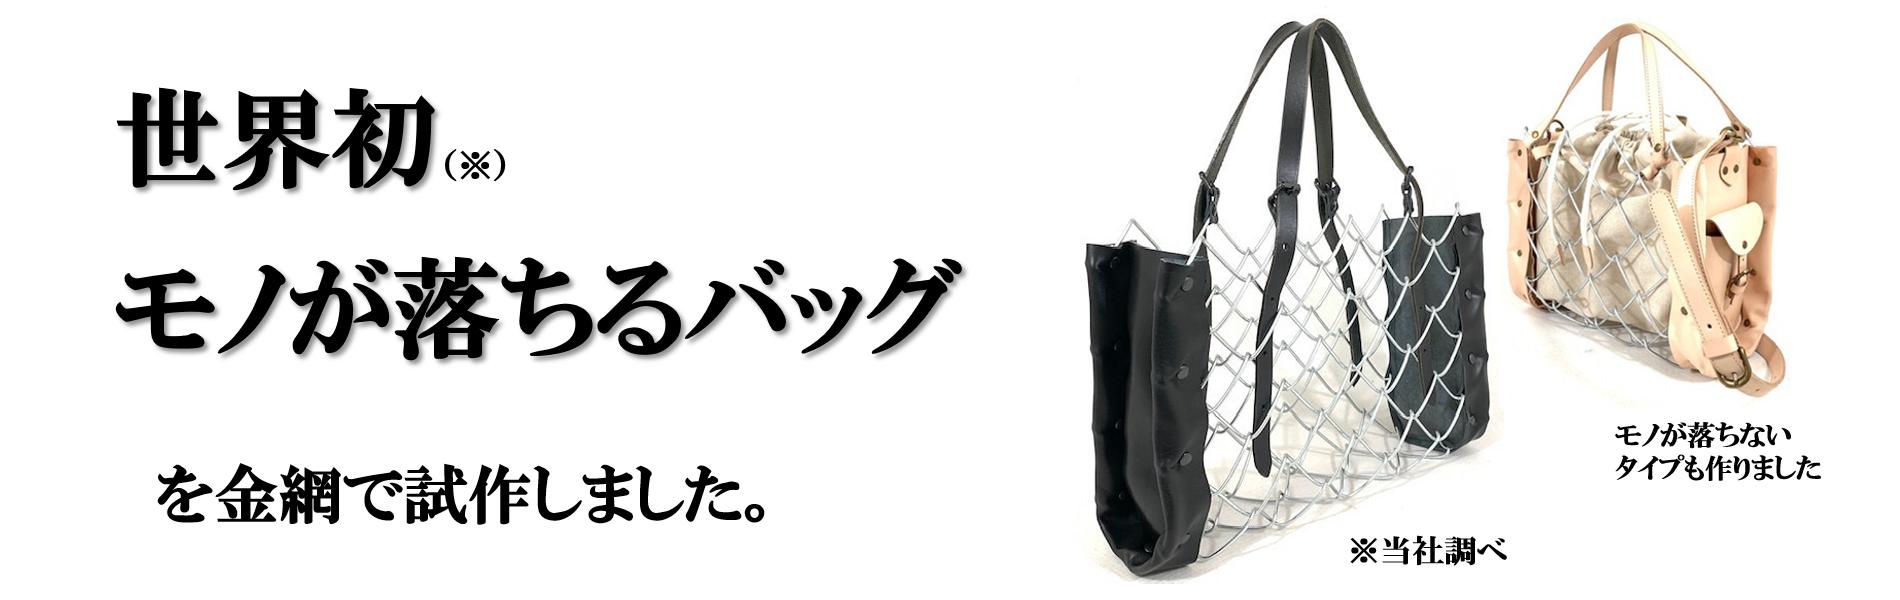 世界初、モノが落ちるバッグを金網で試作しました